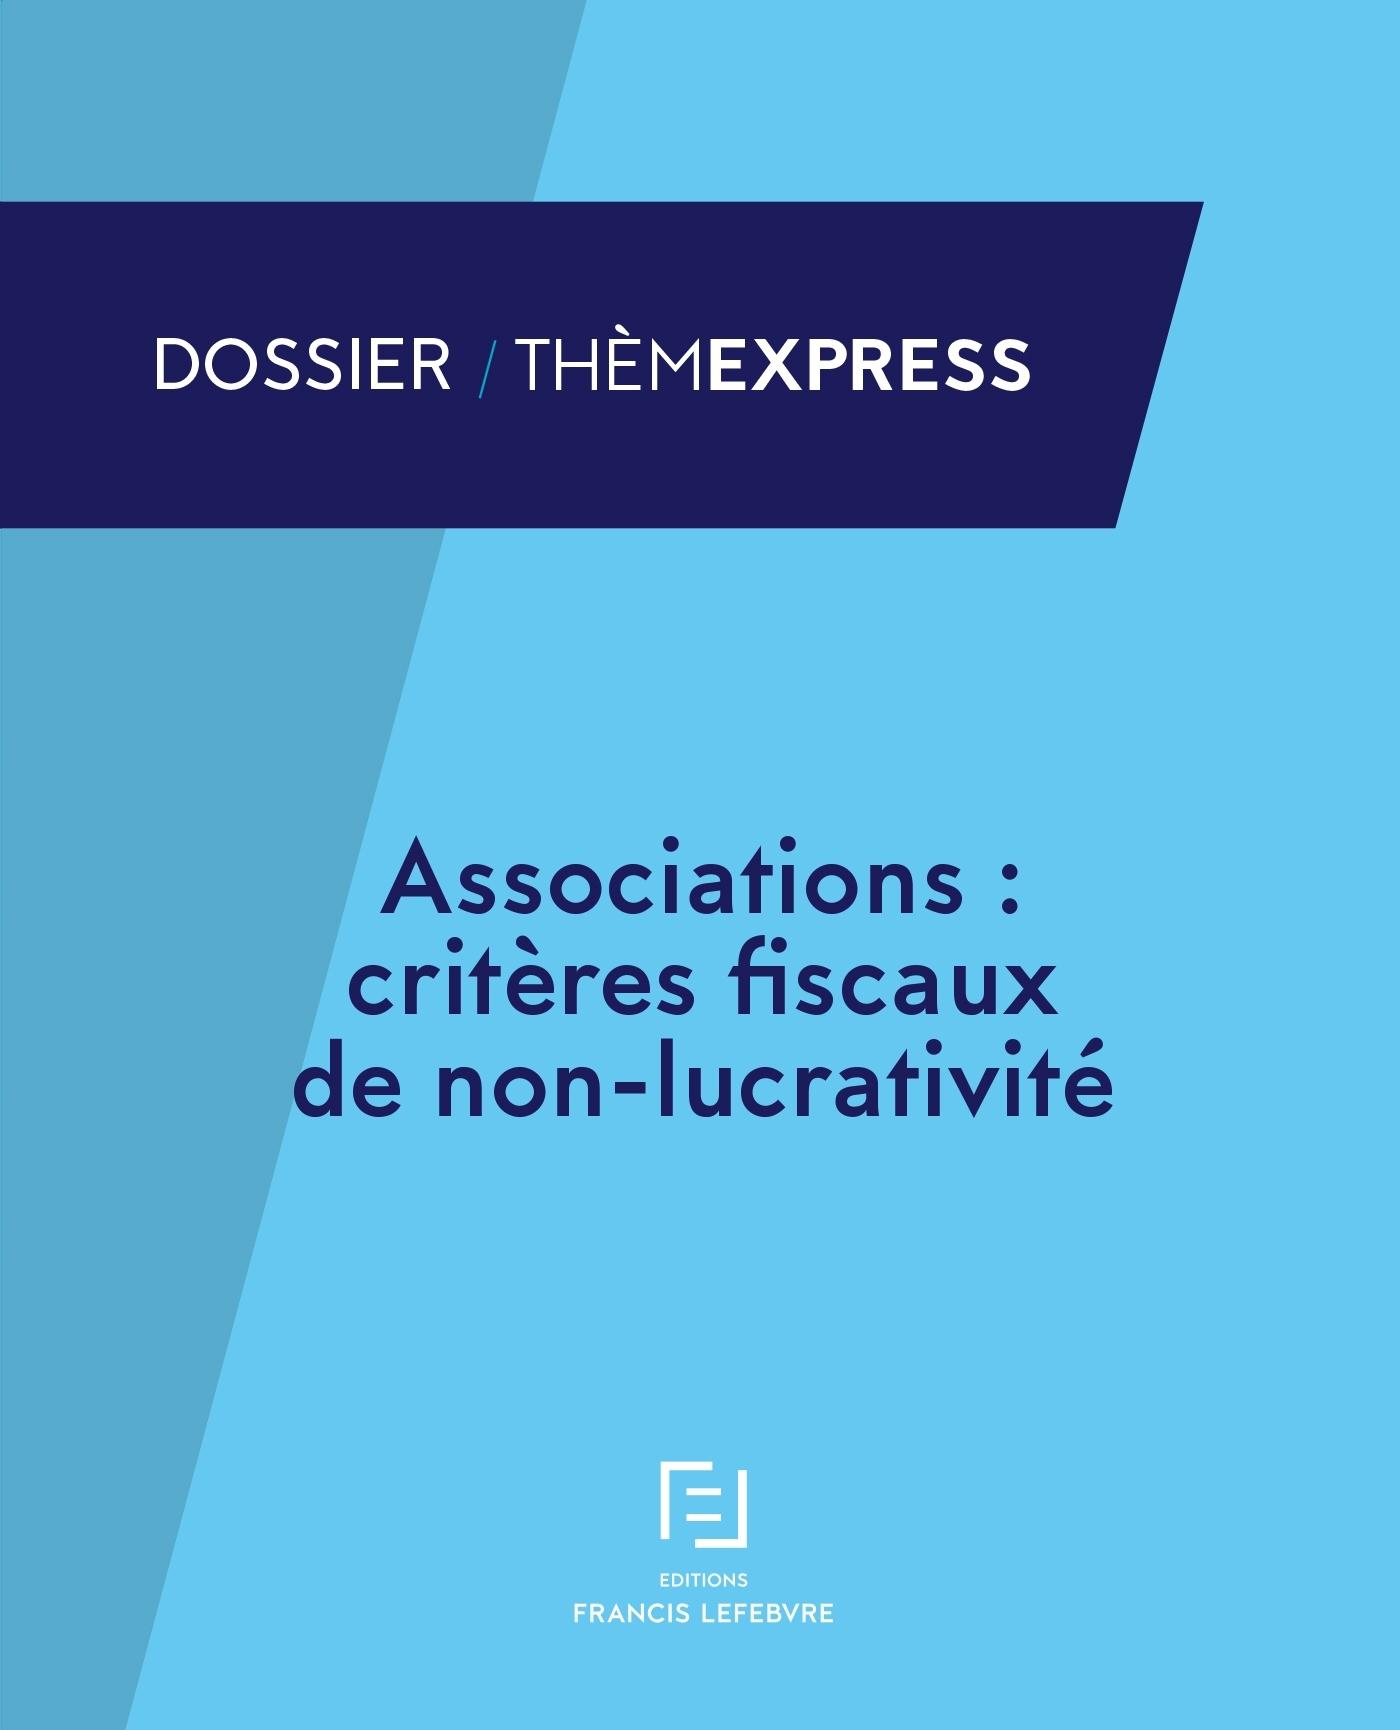 ASSOCIATIONS : CRITERES FISCAUX DE NON LUCRATIVITE